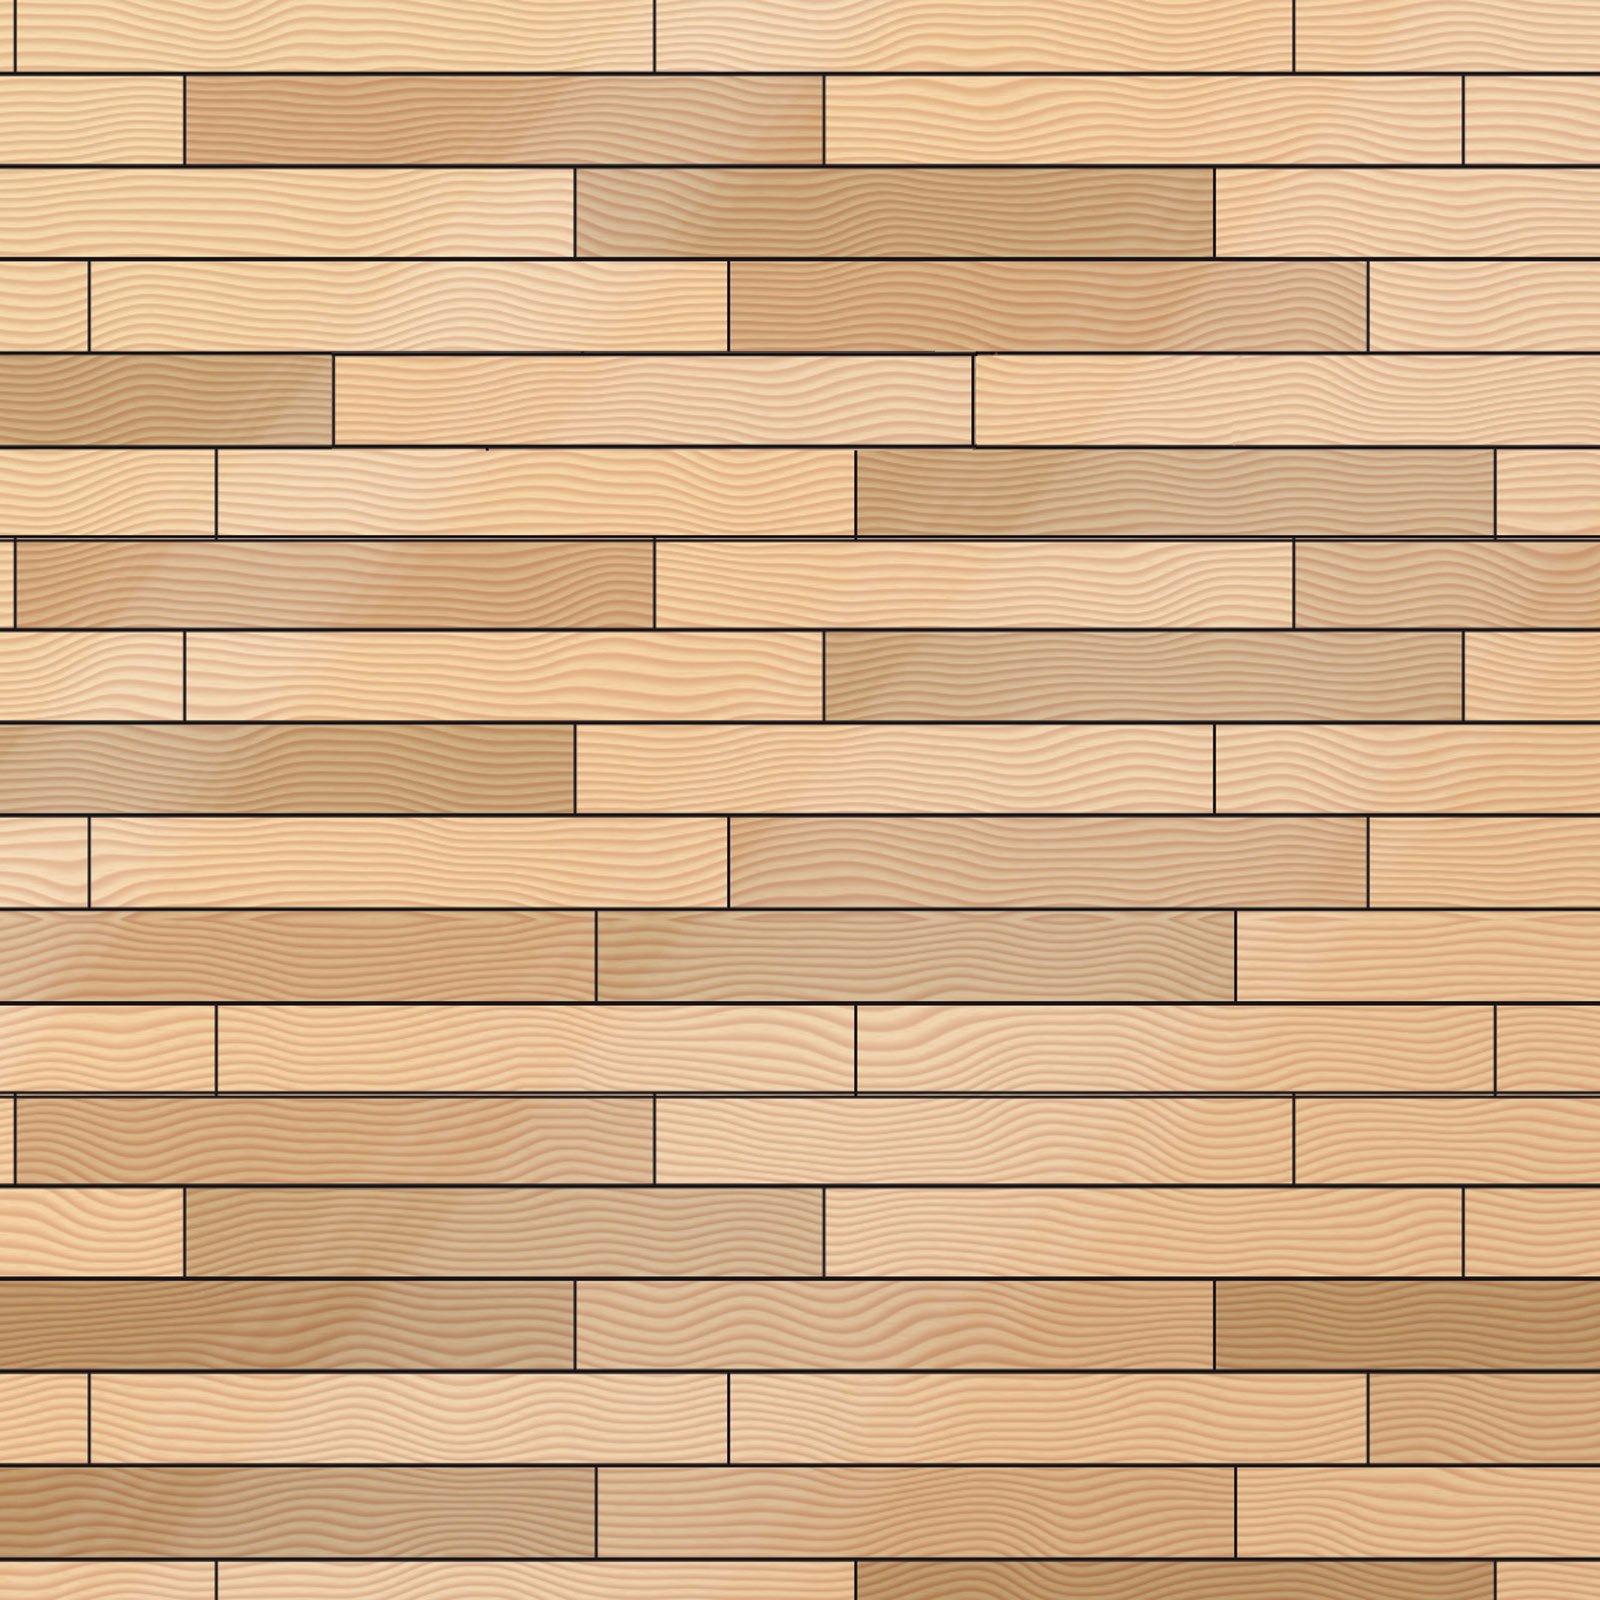 Parquet geometrie e tipi di posa cose di casa - Schemi di posa piastrelle effetto legno ...